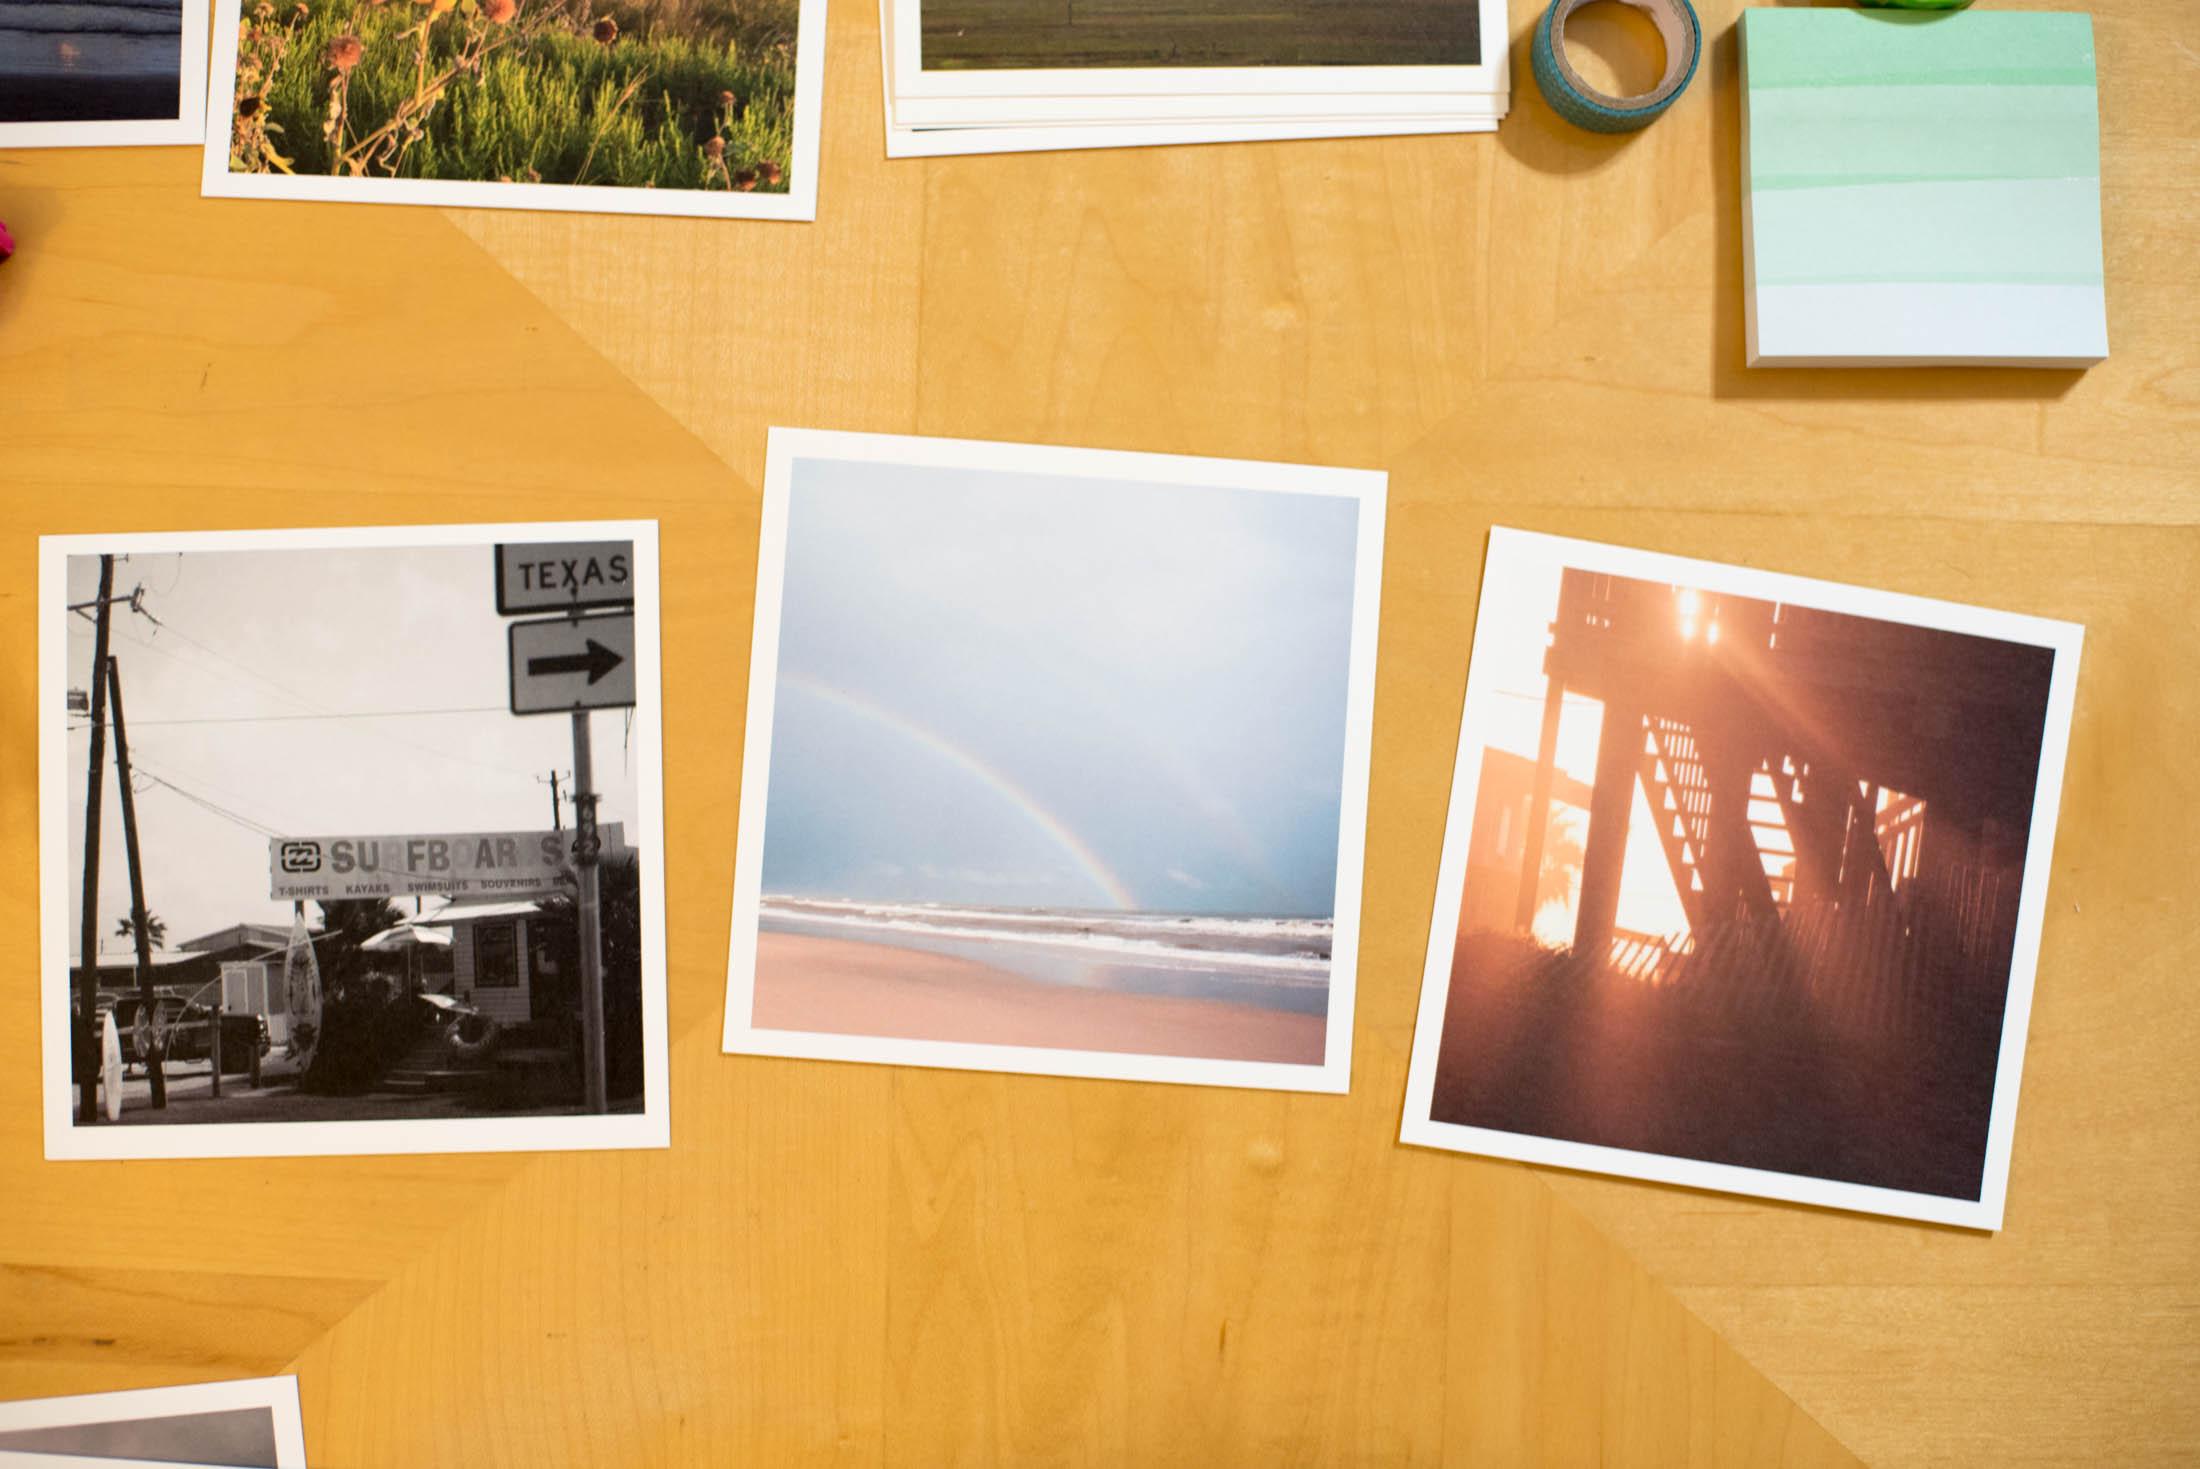 5x5 photo prints